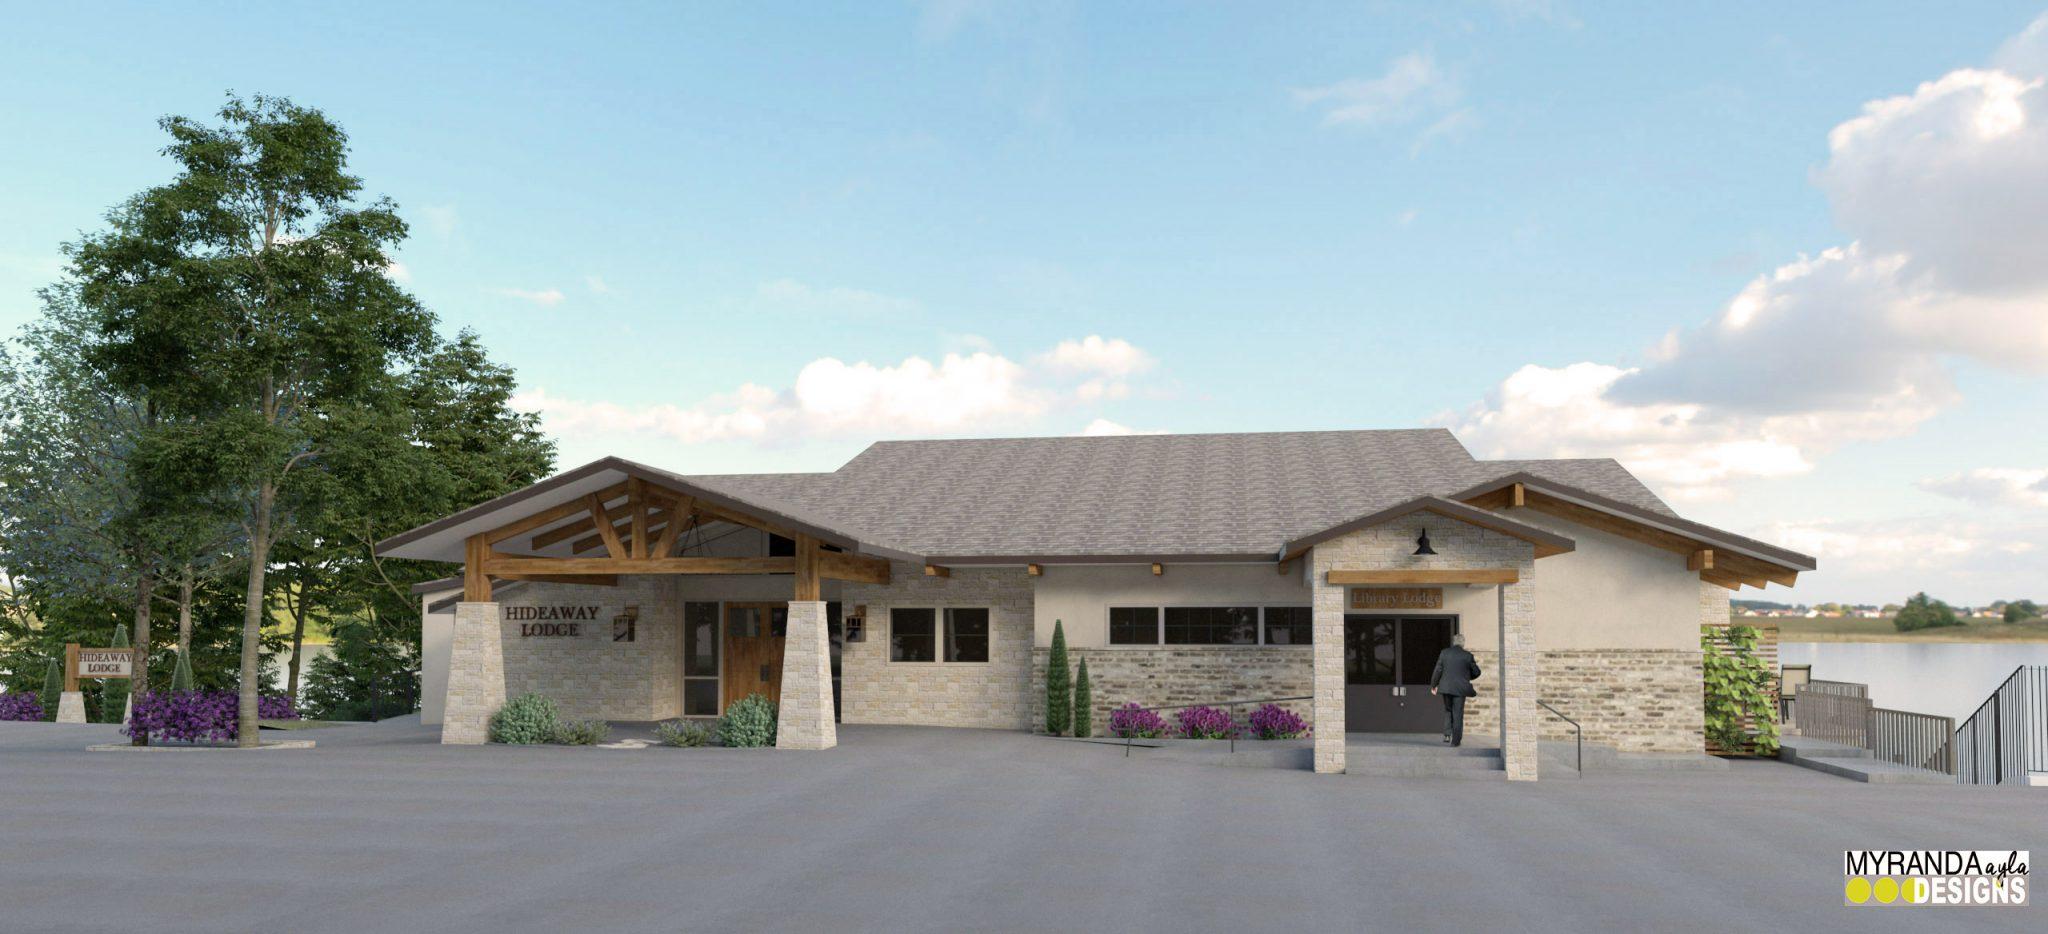 Hideaway Lake Lodge